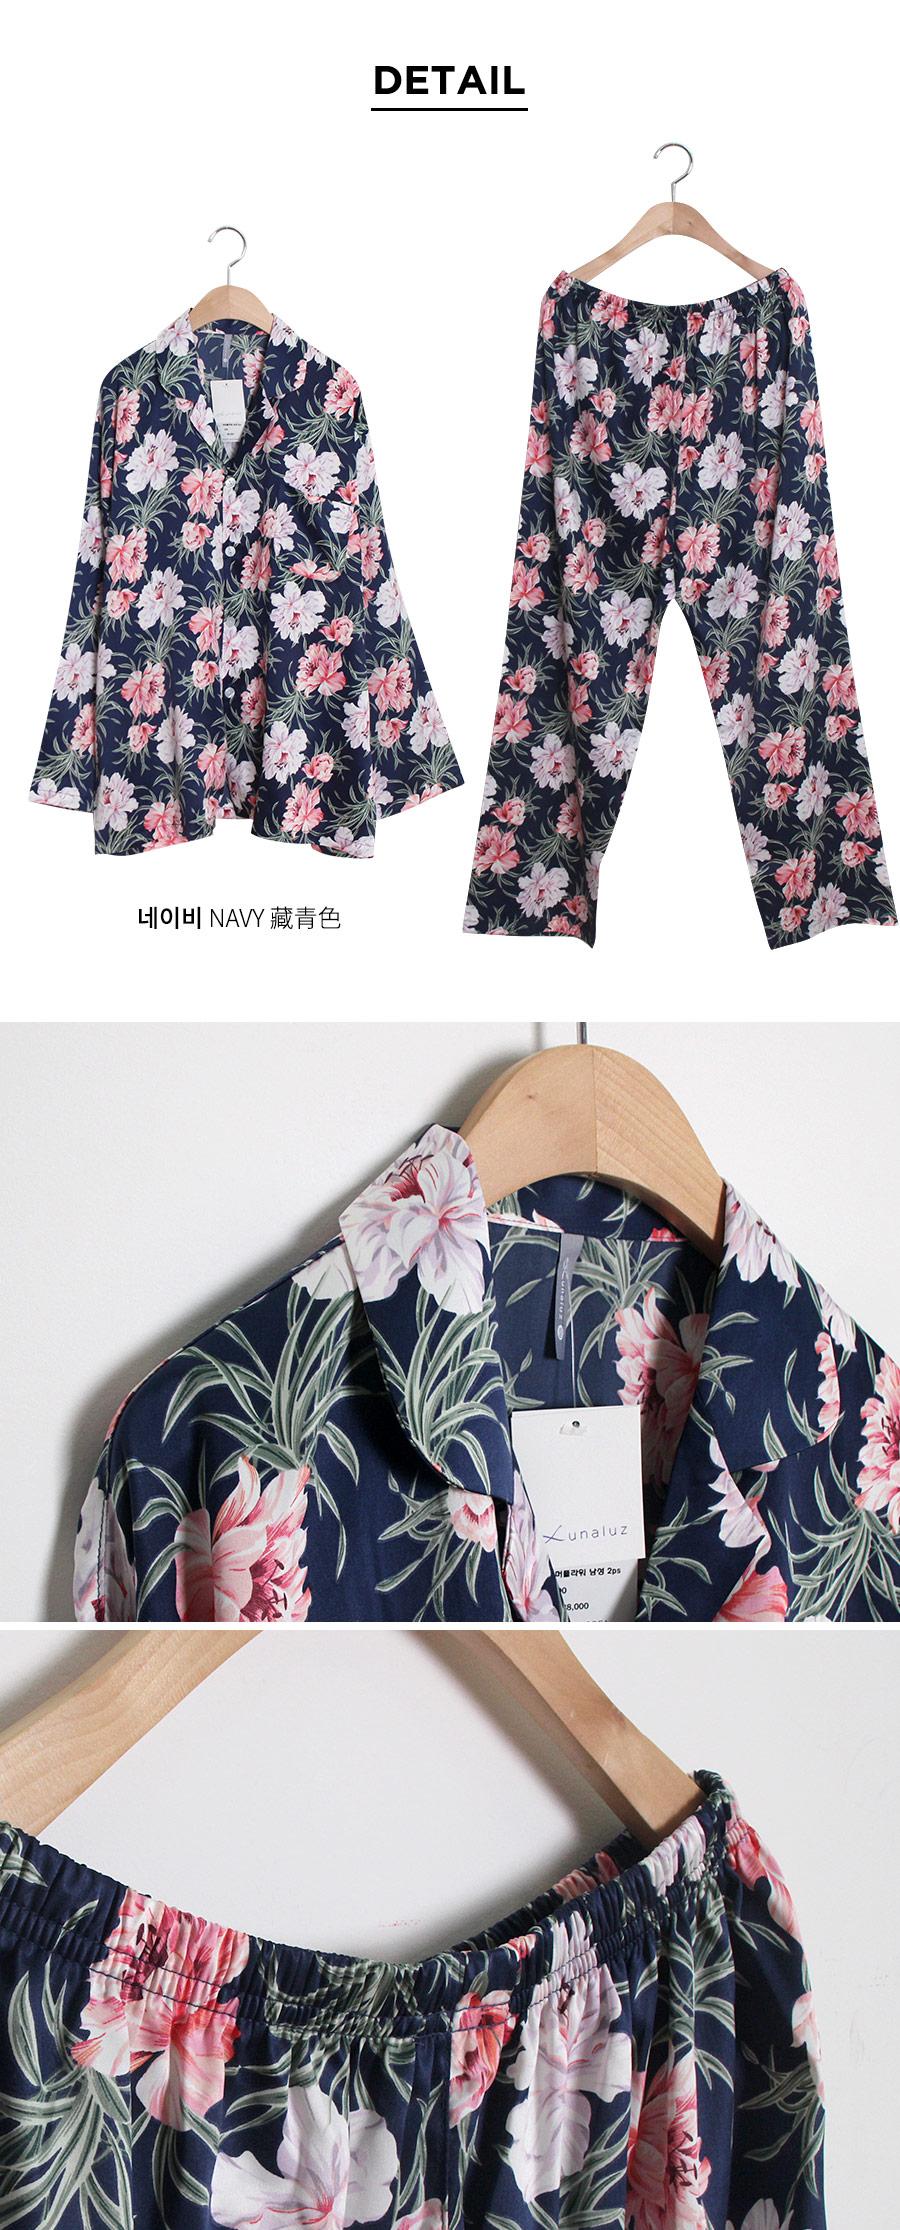 빅 플라워 샤무즈 긴팔 남성잠옷 BNBR-M060 - 쿠비카, 54,400원, 잠옷, 남성파자마